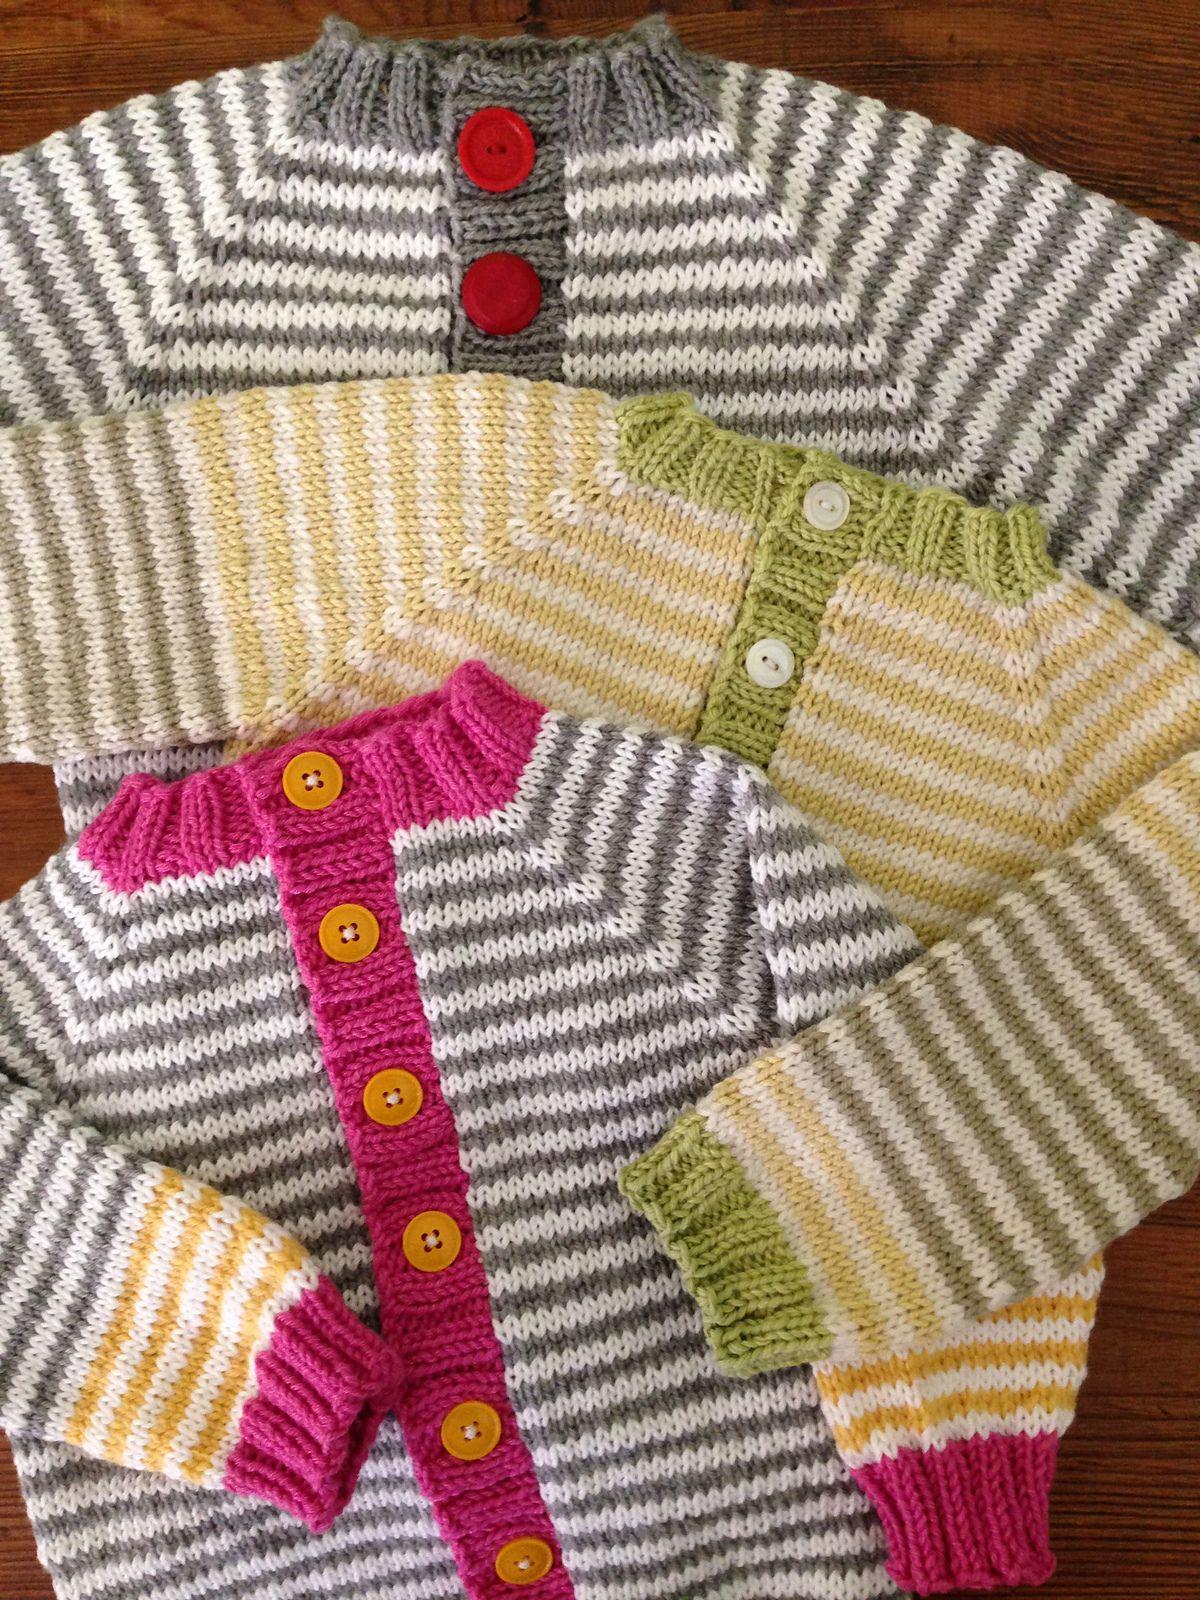 Basic Raglan Baby Cardigan Sweater By Keya Kuhn - Free Knitted ...